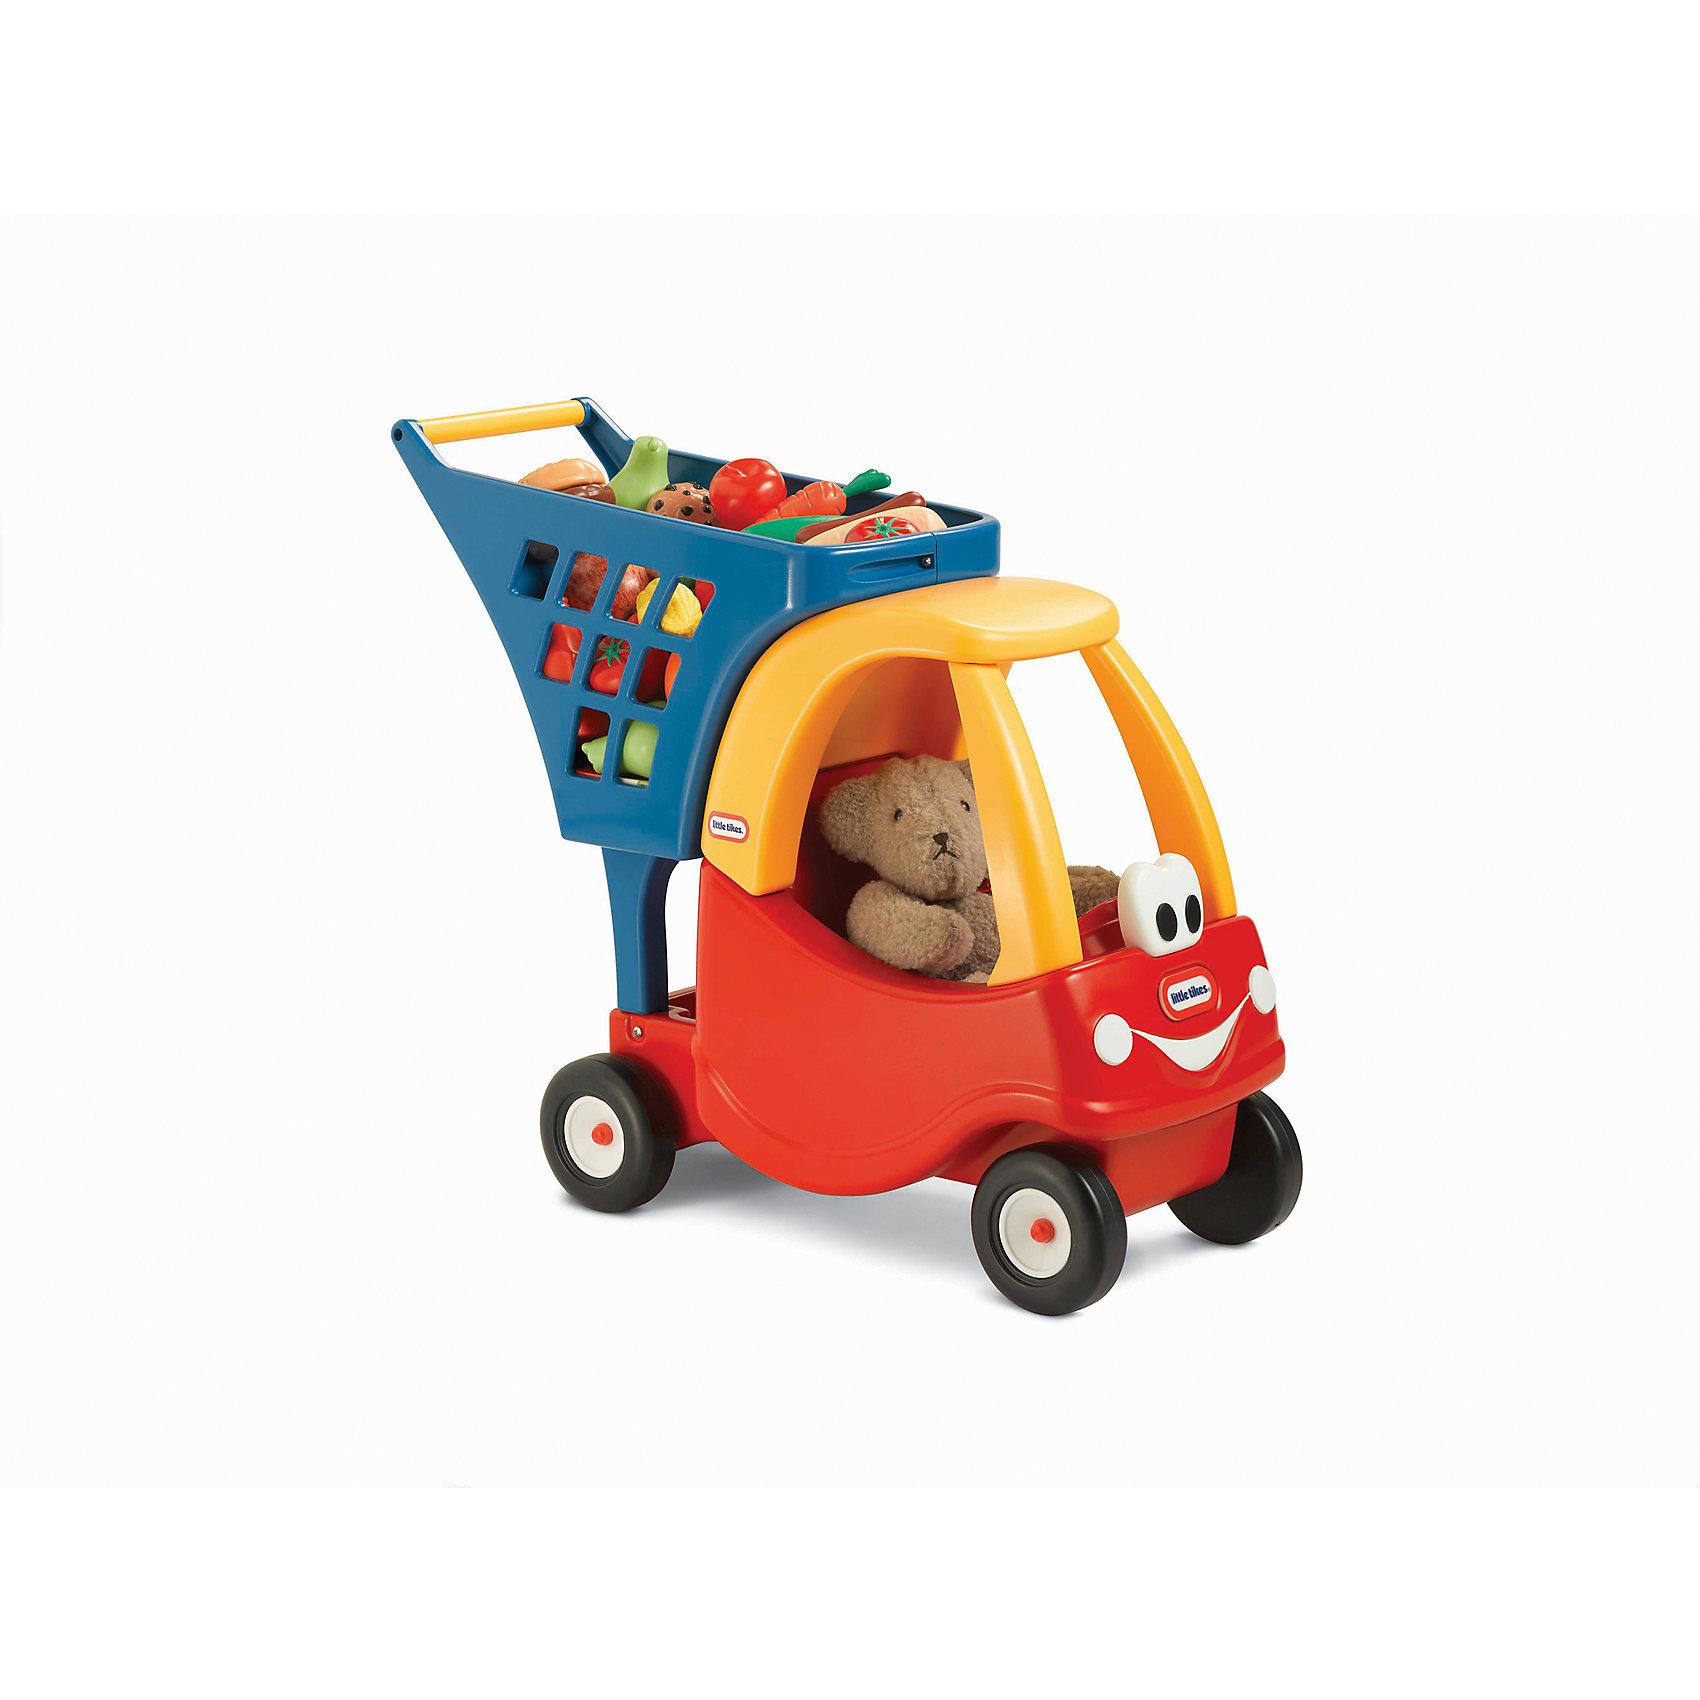 Каталка, красная, Little TikesМашинки-каталки<br>Яркая машинка дополнена корзиной для покупок.  Дети могут катать кукол, мягкие игрушки во время игры в магазин. Ребенок сможет катить машинку перед собой и учиться ходить, получая огромное удовольствие и пользу от игры. Каталка выполнена из высококачественного прочного пластика безопасного для детей. <br><br>Дополнительная информация:<br><br>- Материал: пластик.<br>- Размер упаковки: 47 x 26 x 54 см.<br><br>Каталку красную, Little Tikes, (Литл Тайкс), можно купить в нашем магазине.<br><br>Ширина мм: 258<br>Глубина мм: 545<br>Высота мм: 465<br>Вес г: 3600<br>Возраст от месяцев: 36<br>Возраст до месяцев: 84<br>Пол: Унисекс<br>Возраст: Детский<br>SKU: 4724042